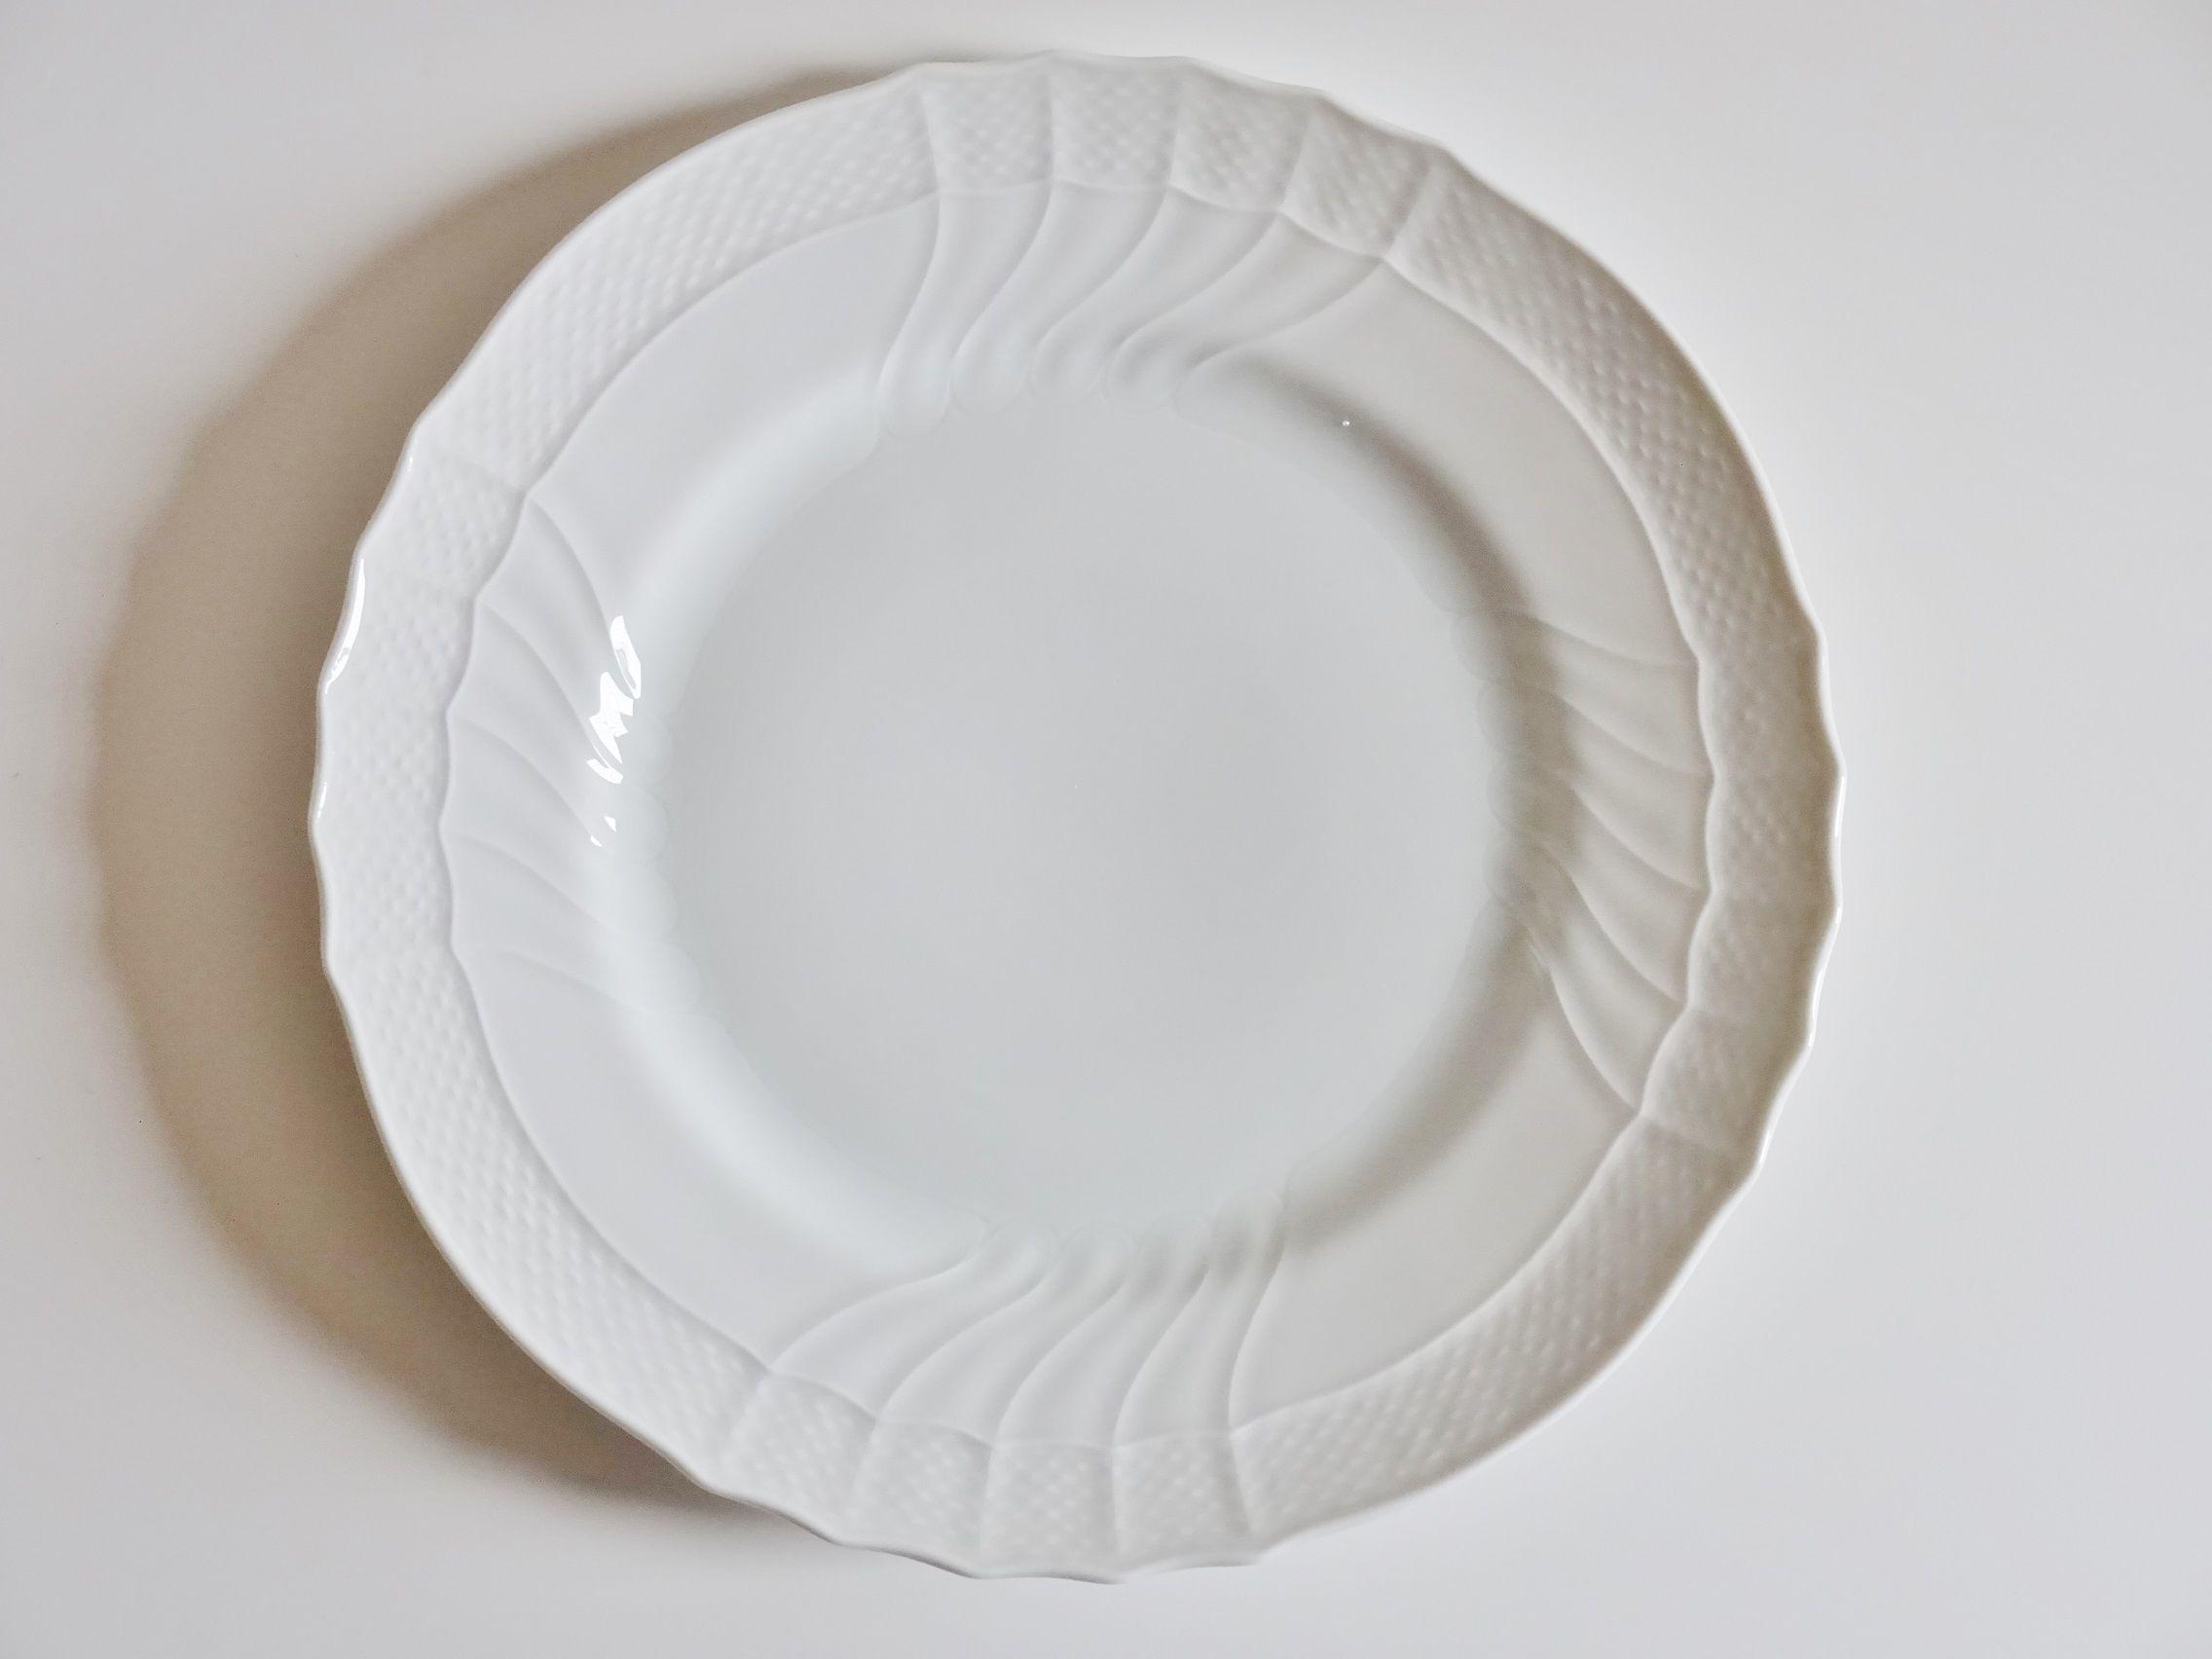 リチャードジノリ ベッキオホワイト プレート26cm